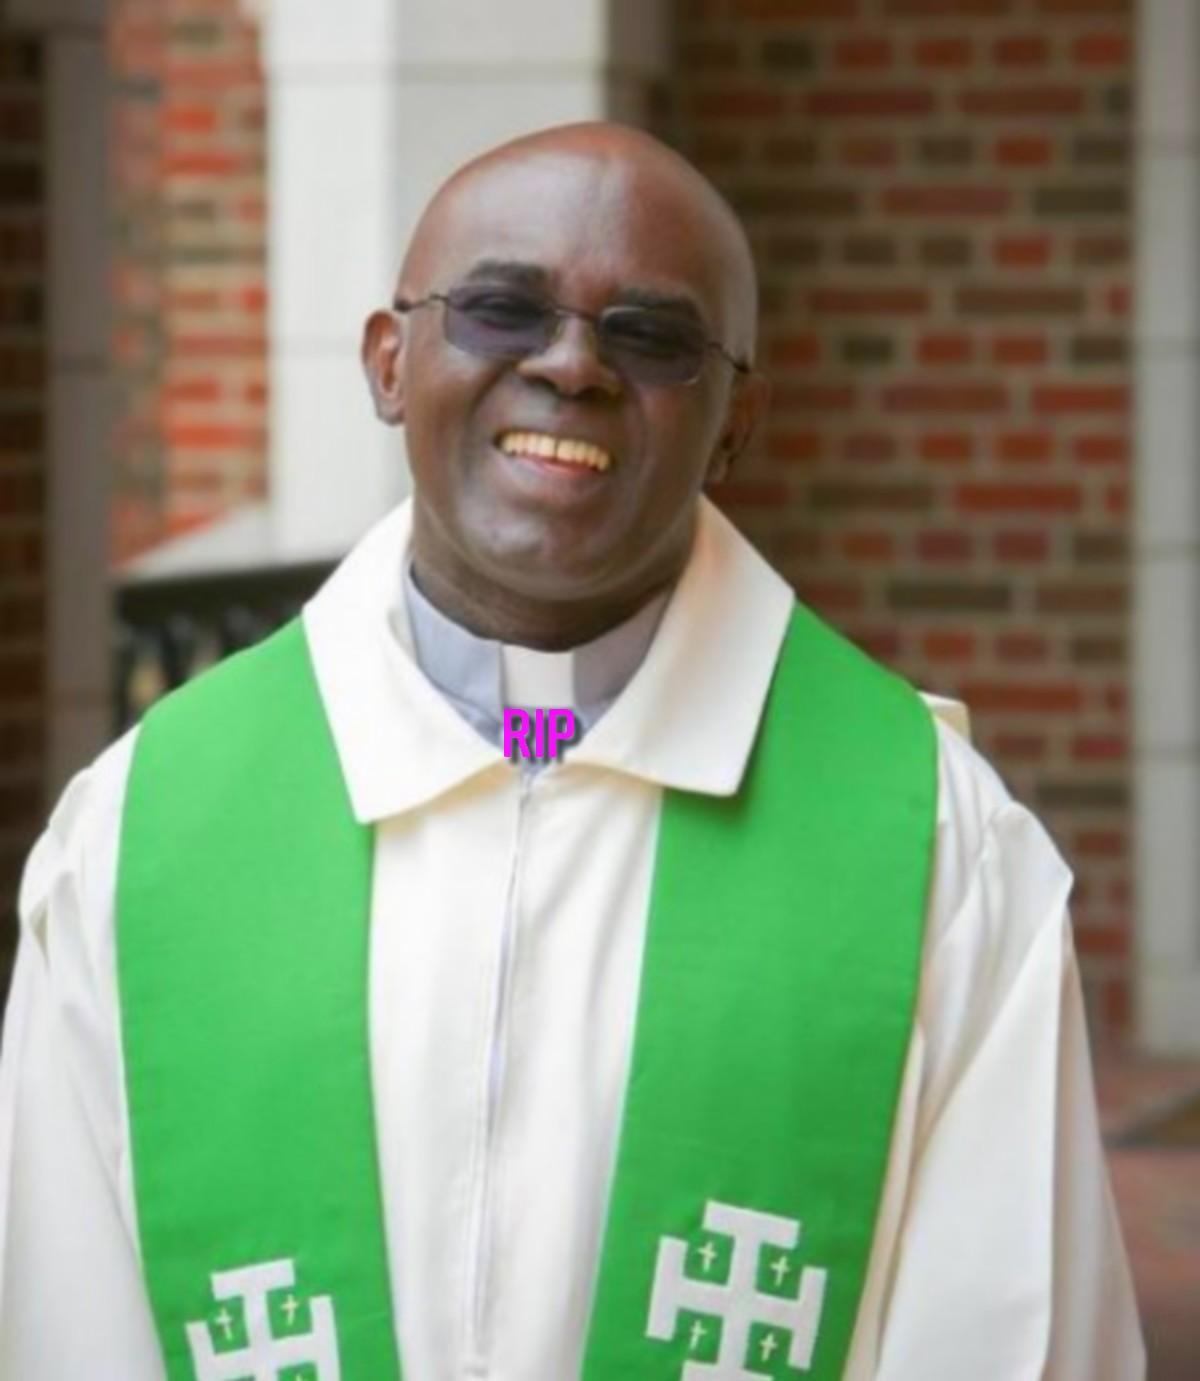 Le père Ubald, prêtre exorciste-guérisseur estdécédé!